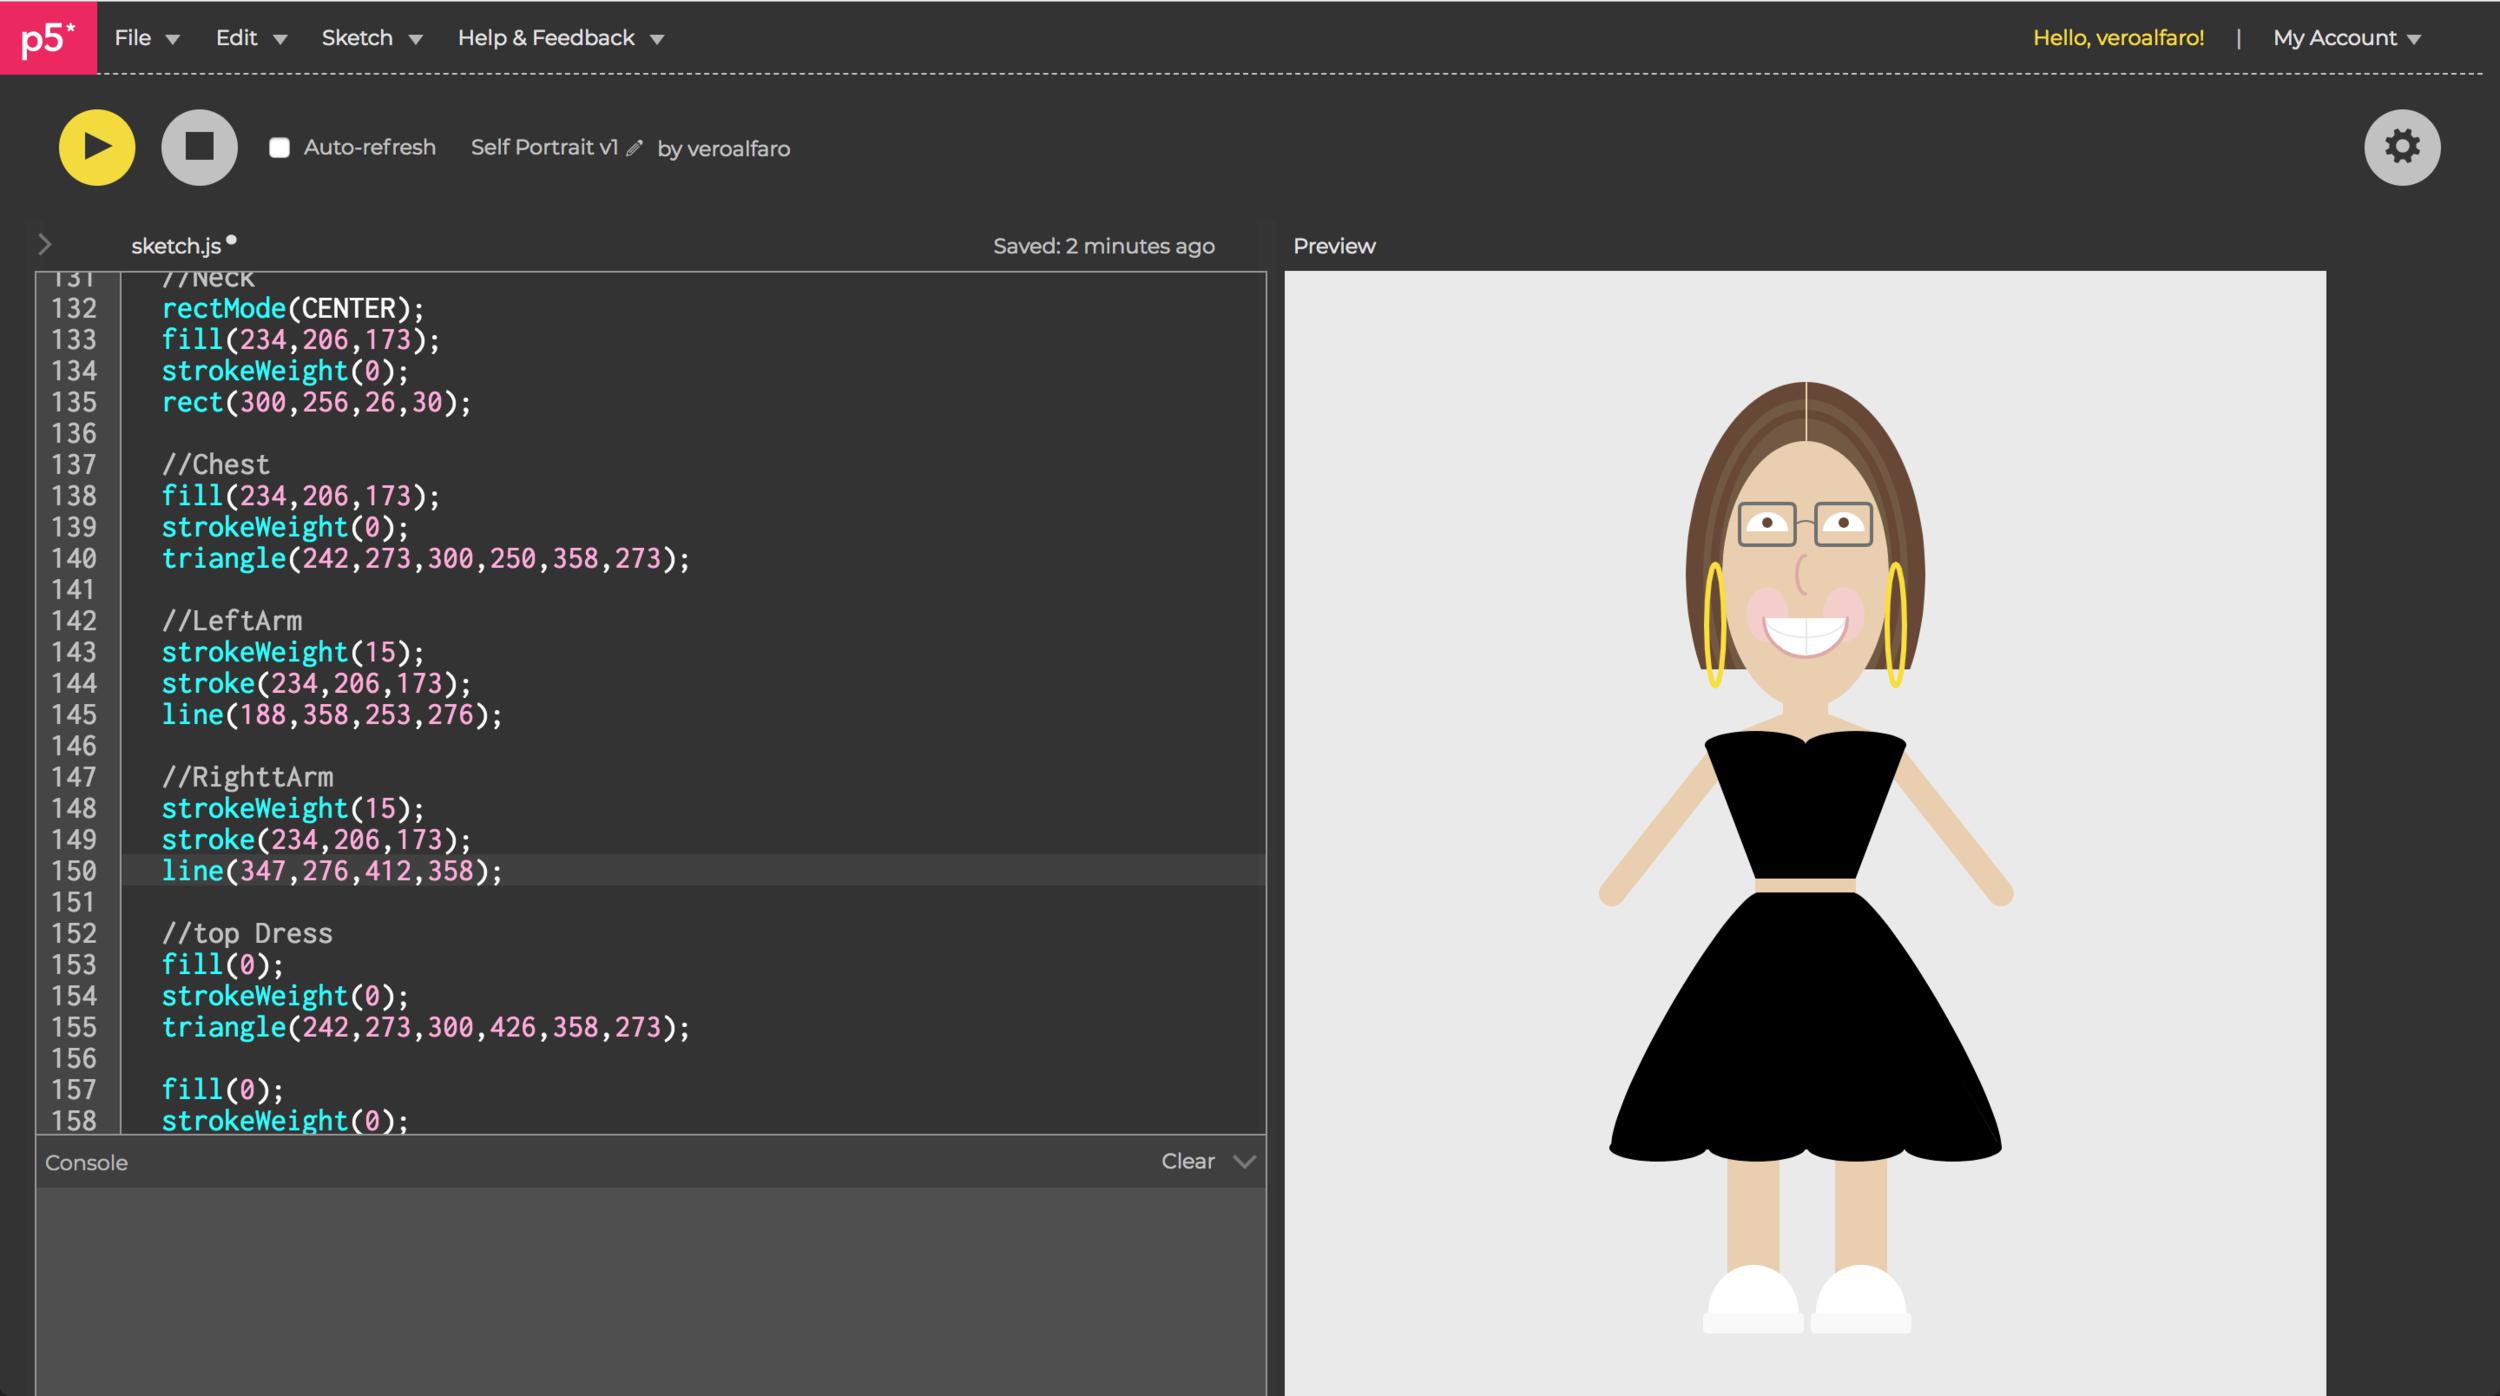 Full body developed in code.